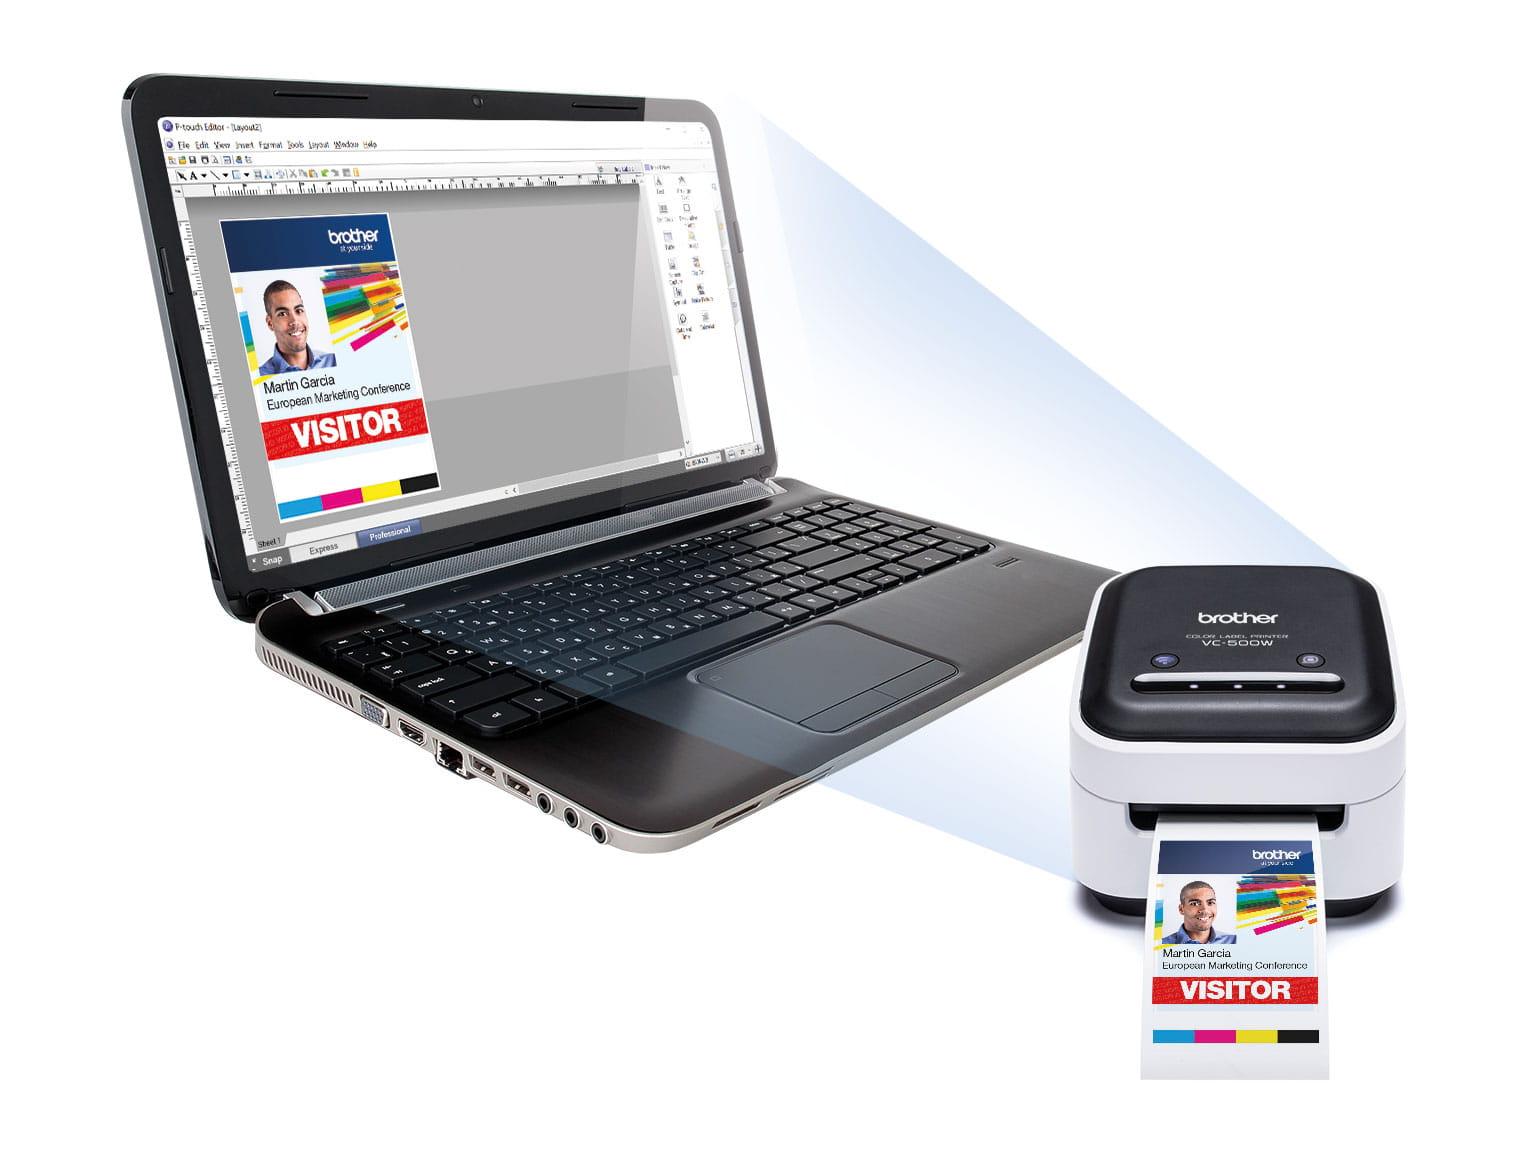 tlačiareň Brother VC-500W  a P-touch editor softvér na obrazovke laptopu